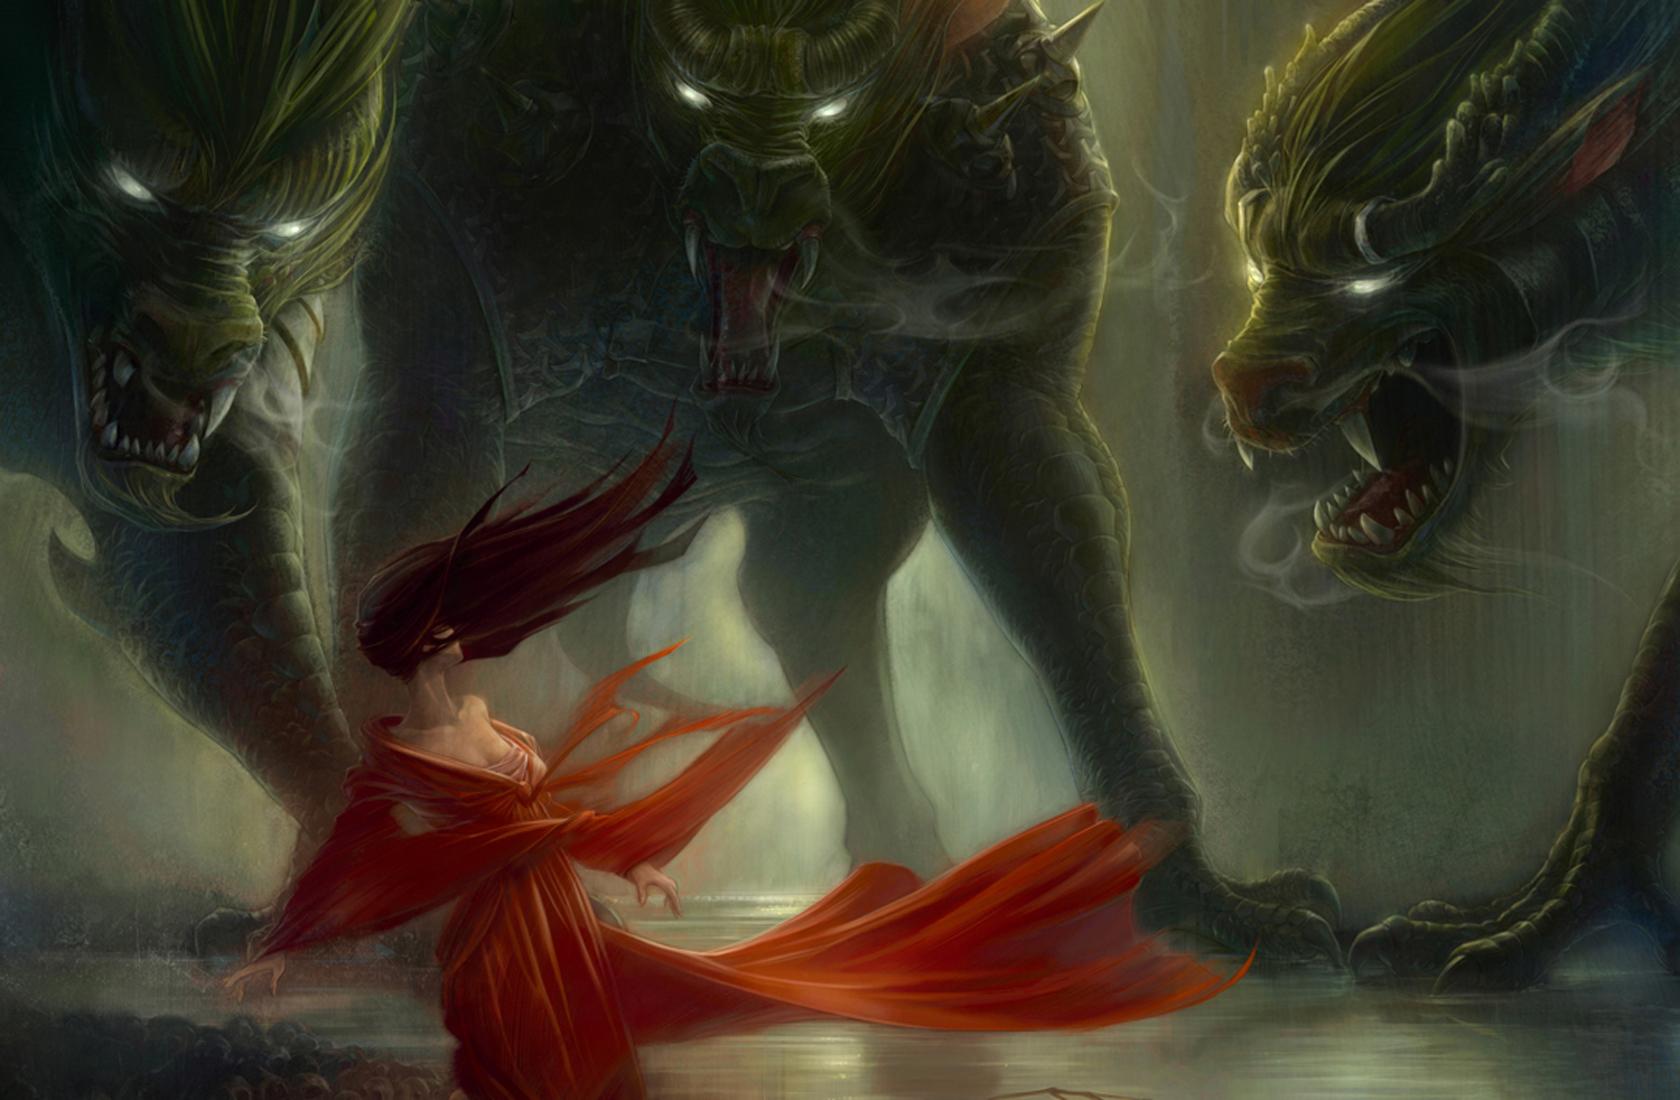 Fantasy art dark horror monsters demons wolves wolf women mood ...